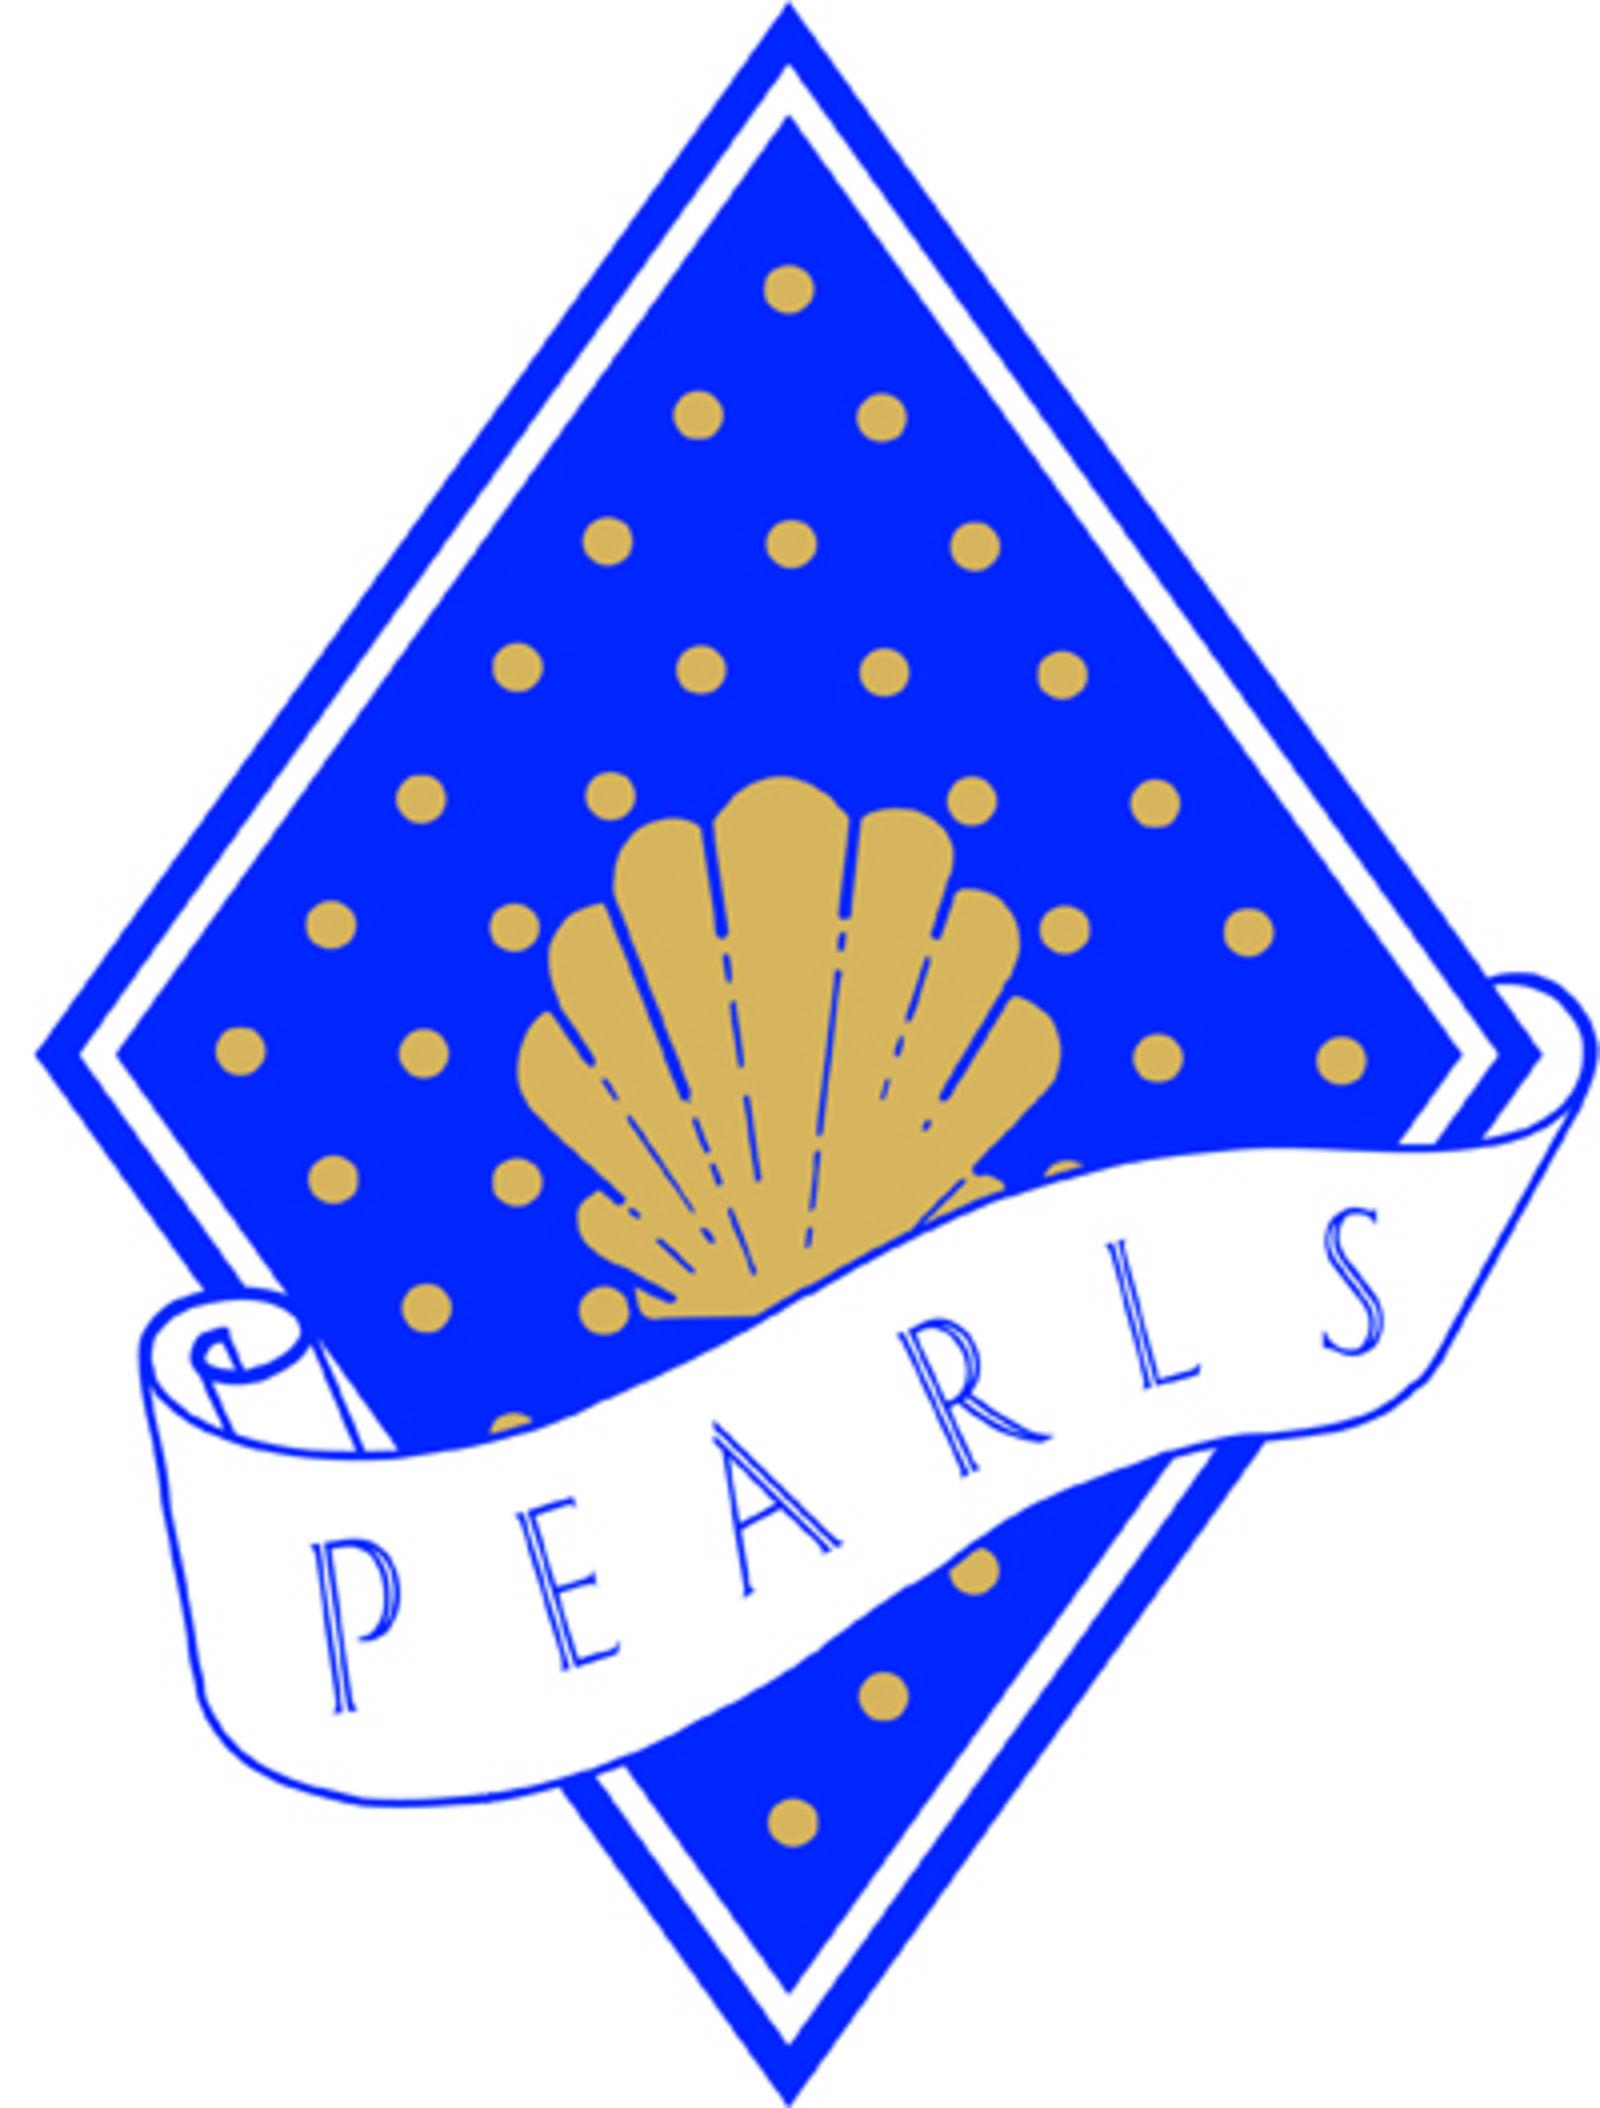 Pearls Women in Gütersloh (Bild 1)